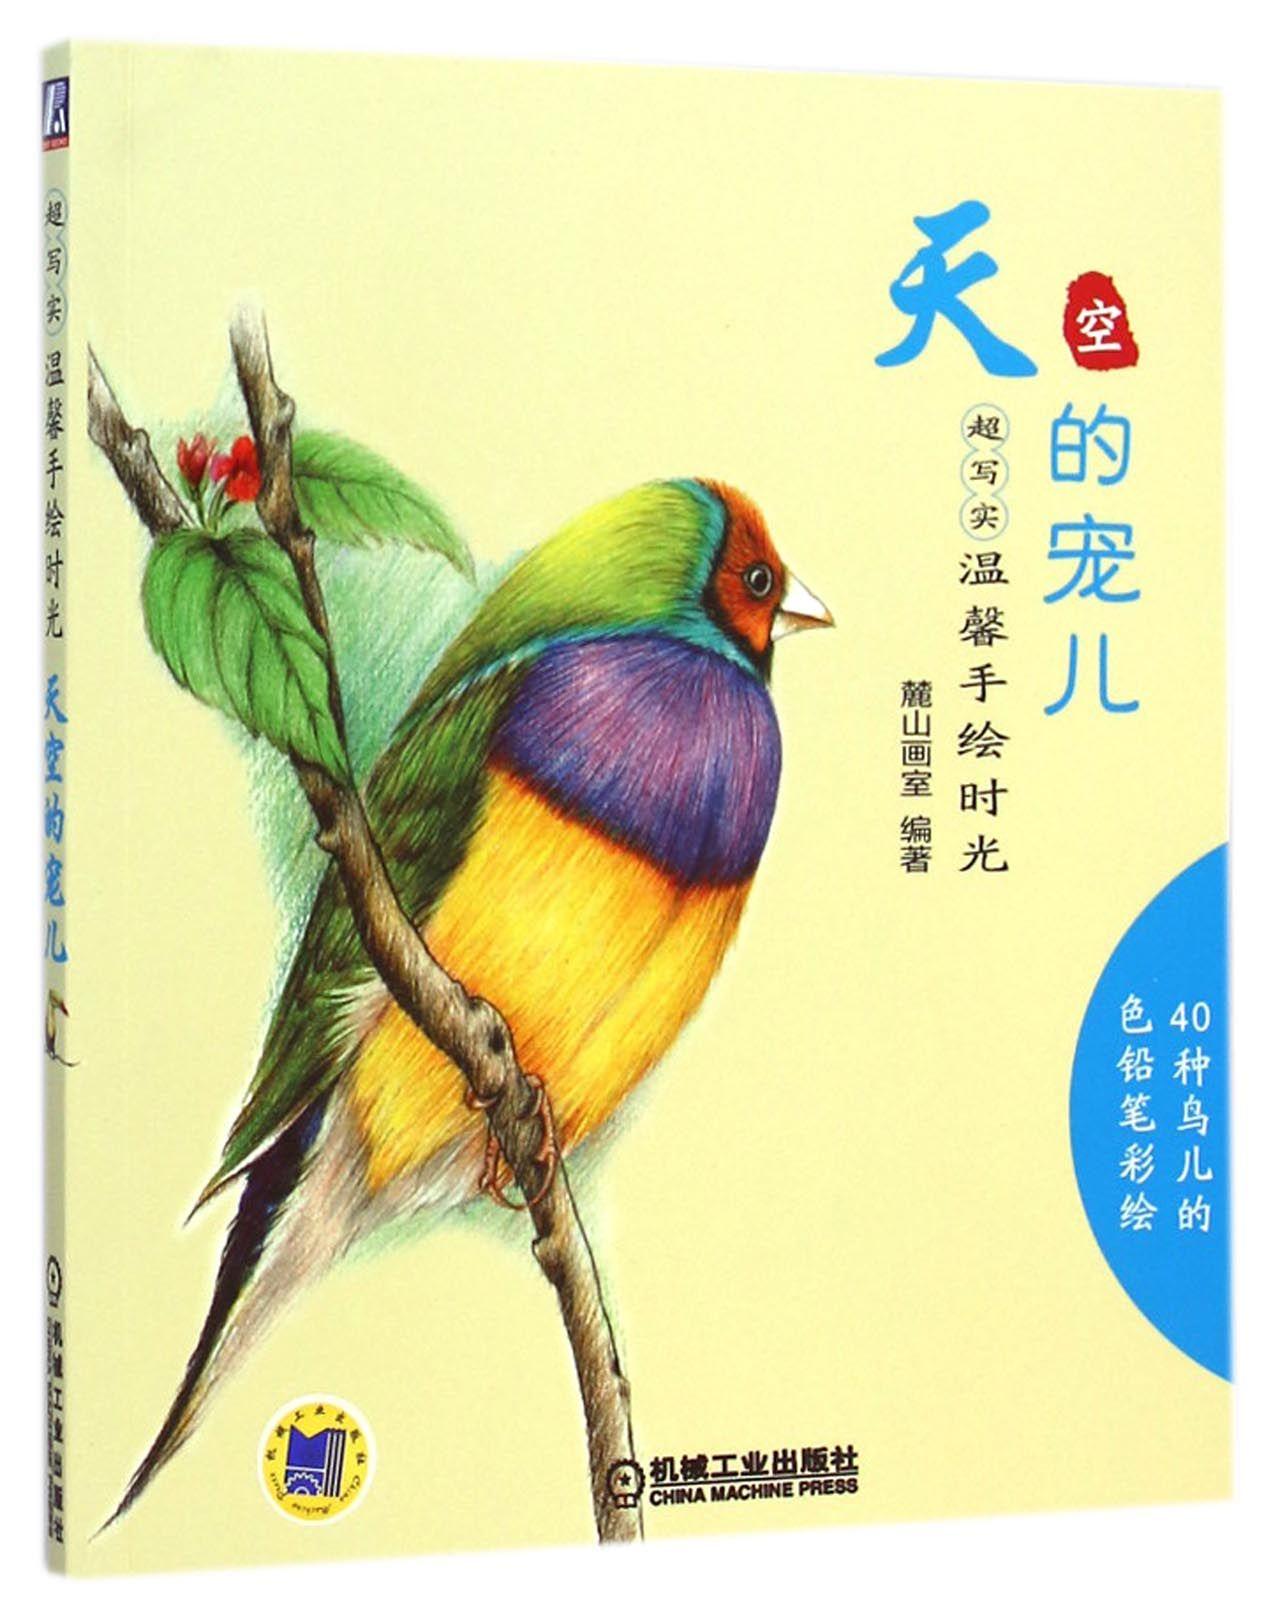 壁纸 动物 鸟 鸟类 雀 1280_1624 竖版 竖屏 手机